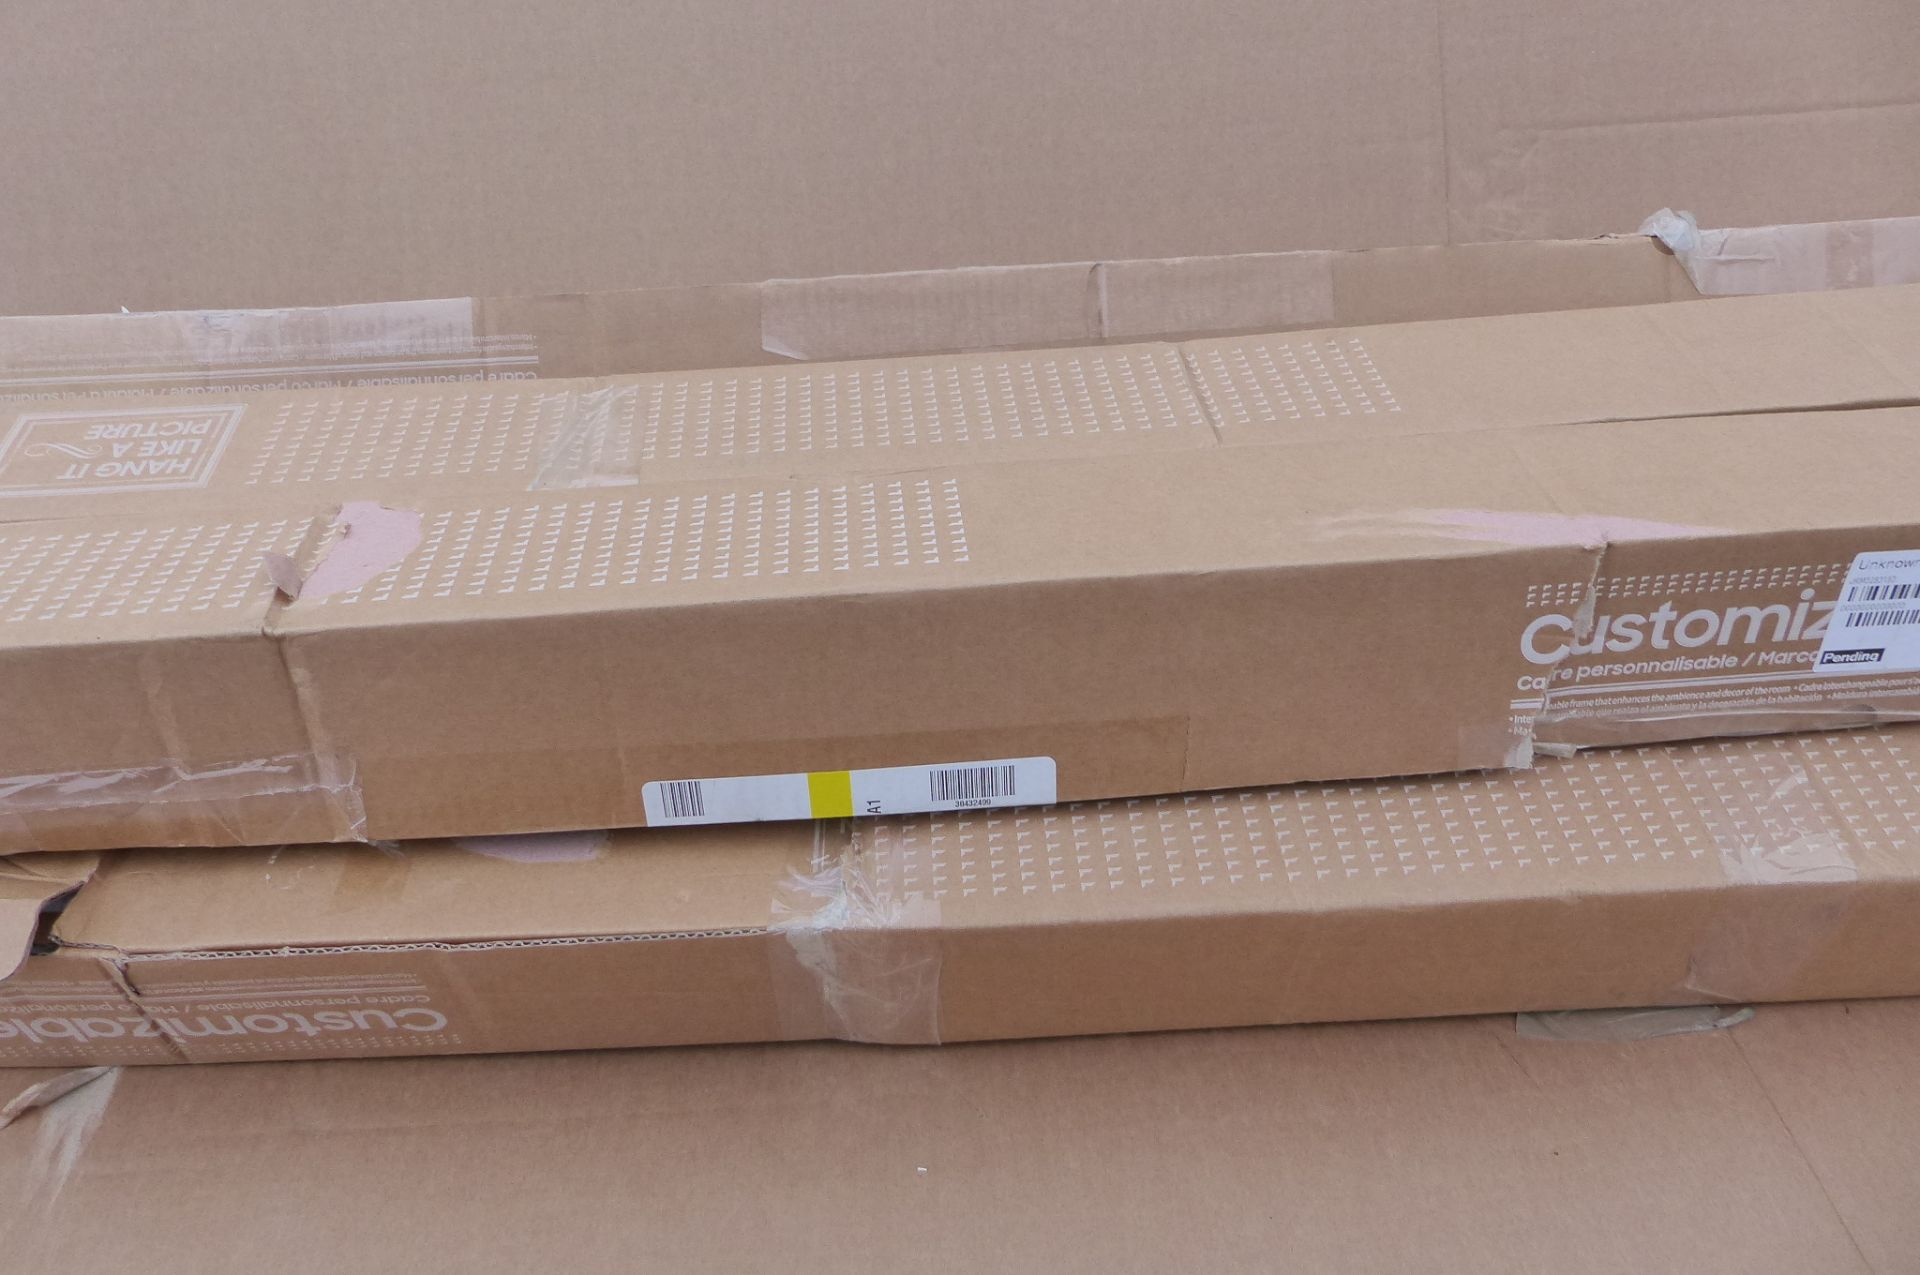 Samsung Customisable Bezel for The Frame TV